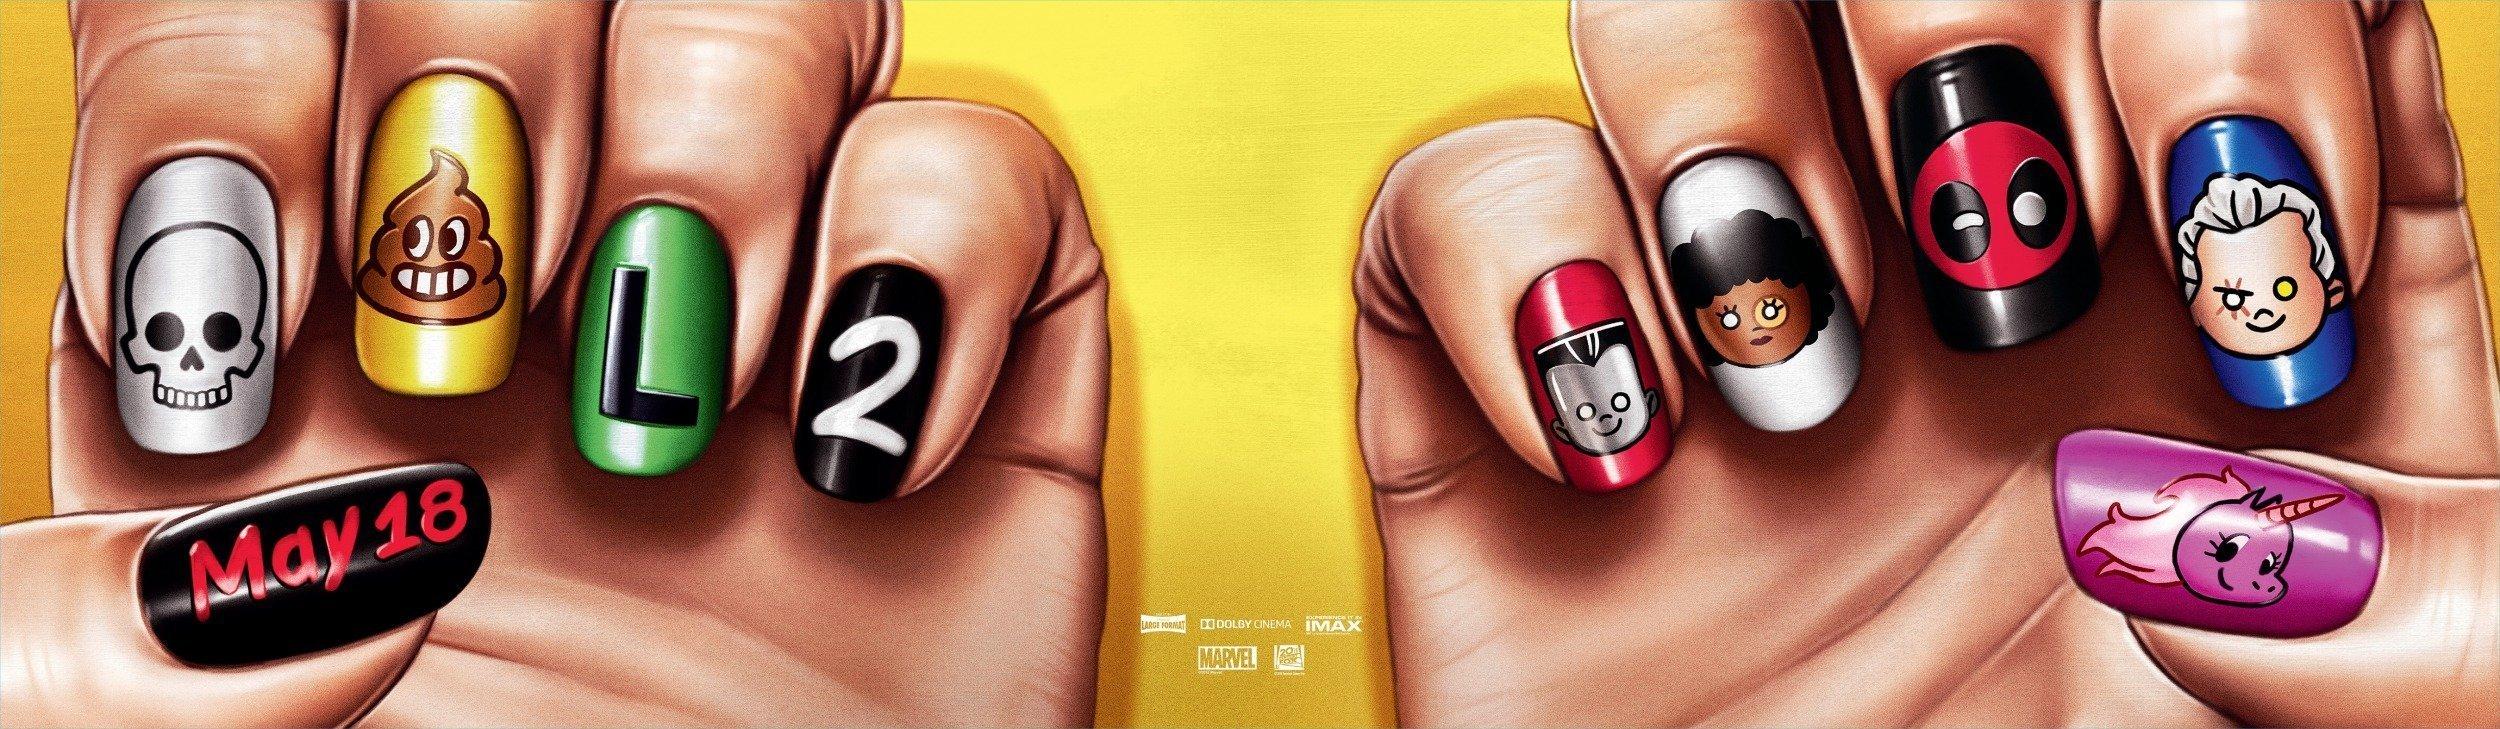 Bannière du film Deadpool 2 réalisé par David Leitch avec des vernis à ongles